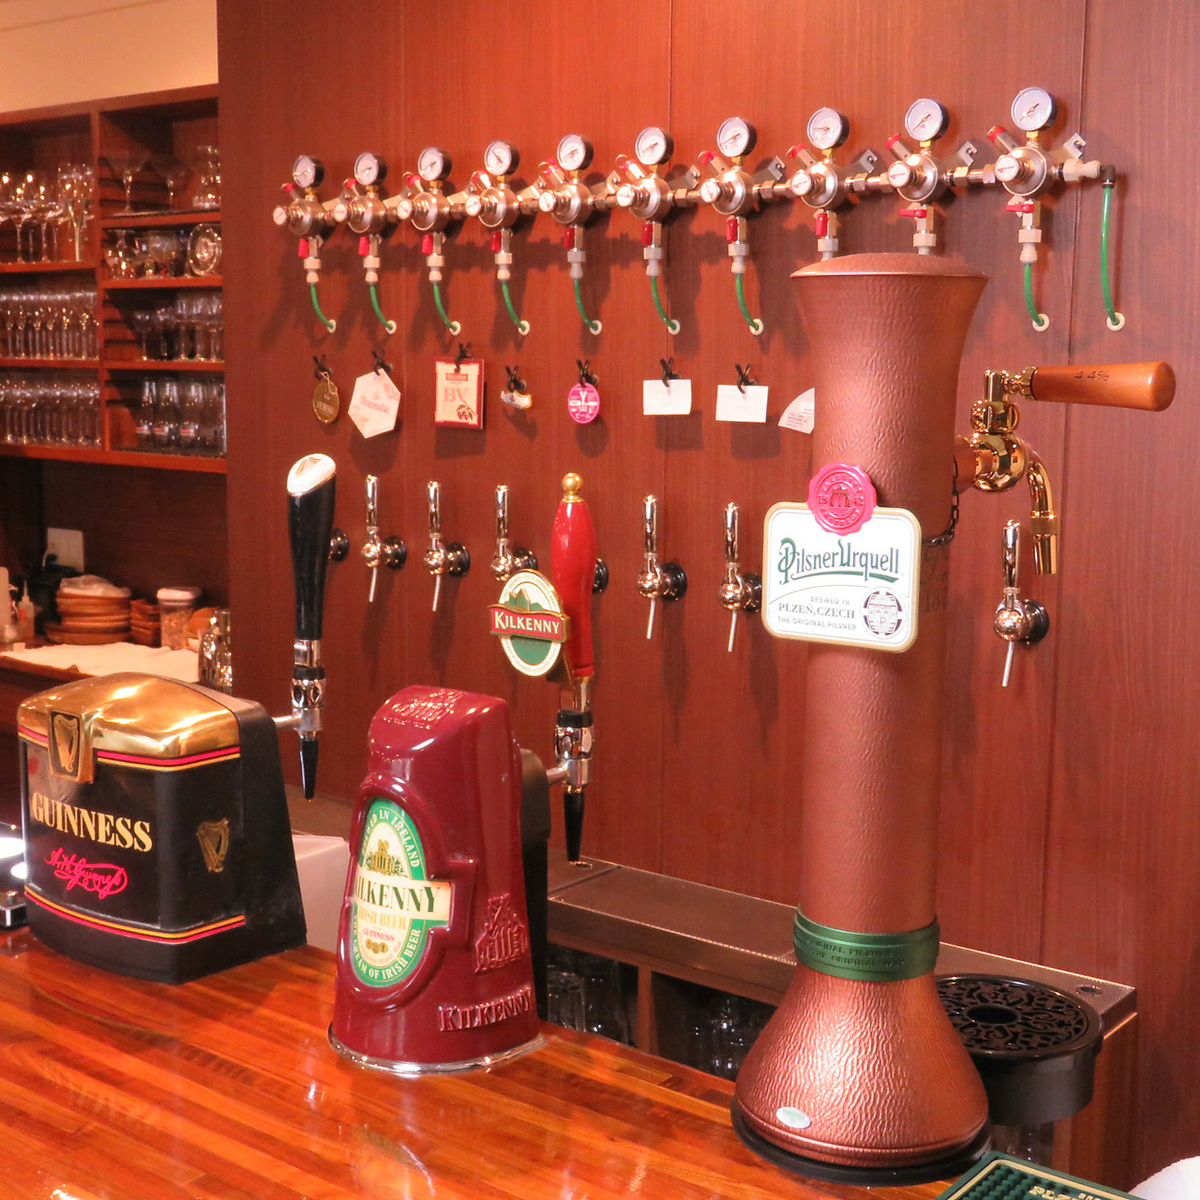 世界上的桶装啤酒共有11种☆